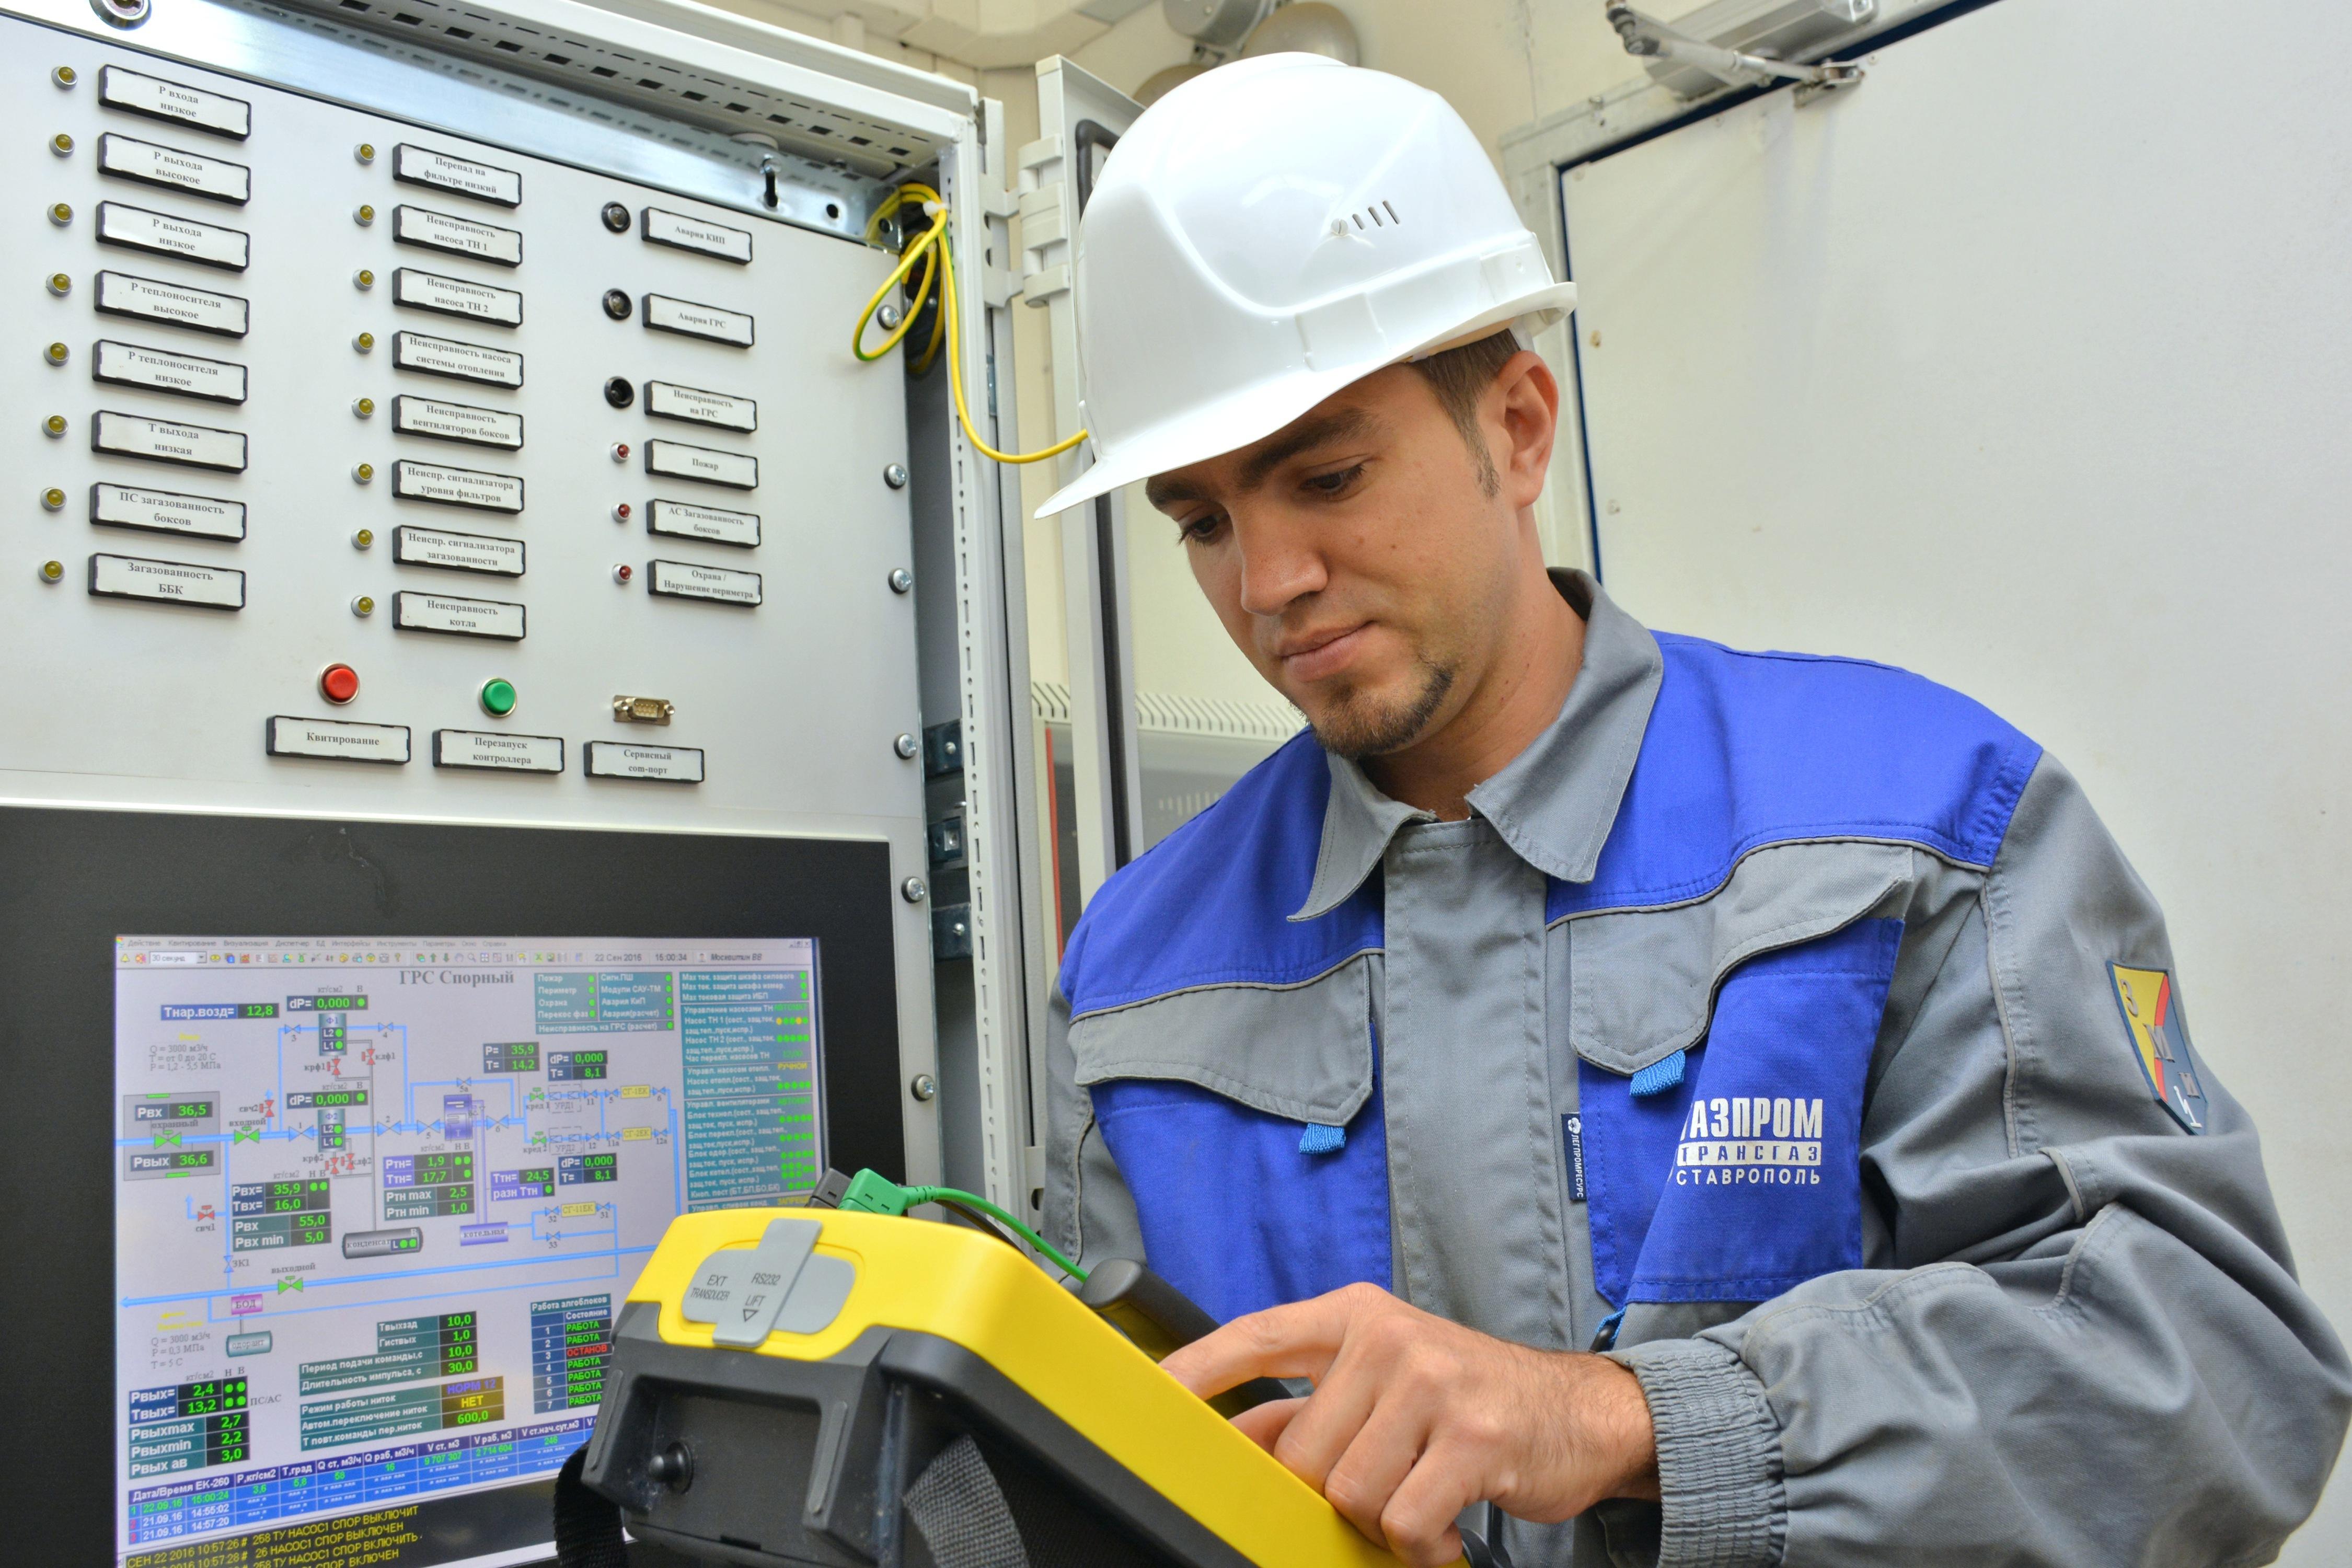 Отчет по производственной практике где можно заказать Что такое отчет по производственной практике